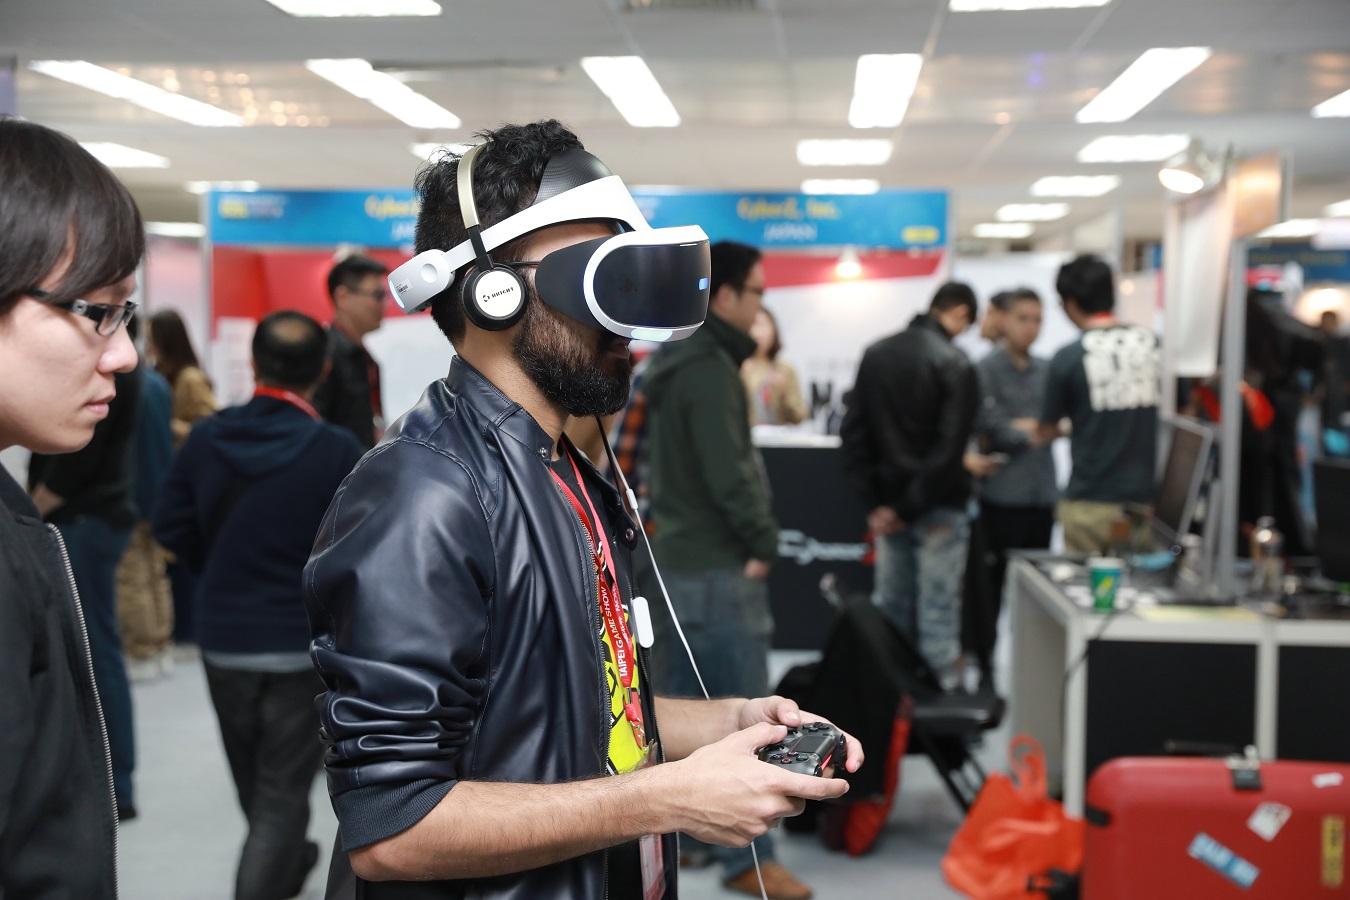 2018台北電玩展 匯集超過200家遊戲開發商 商務區開放「全球遊戲商務參觀預先登錄」